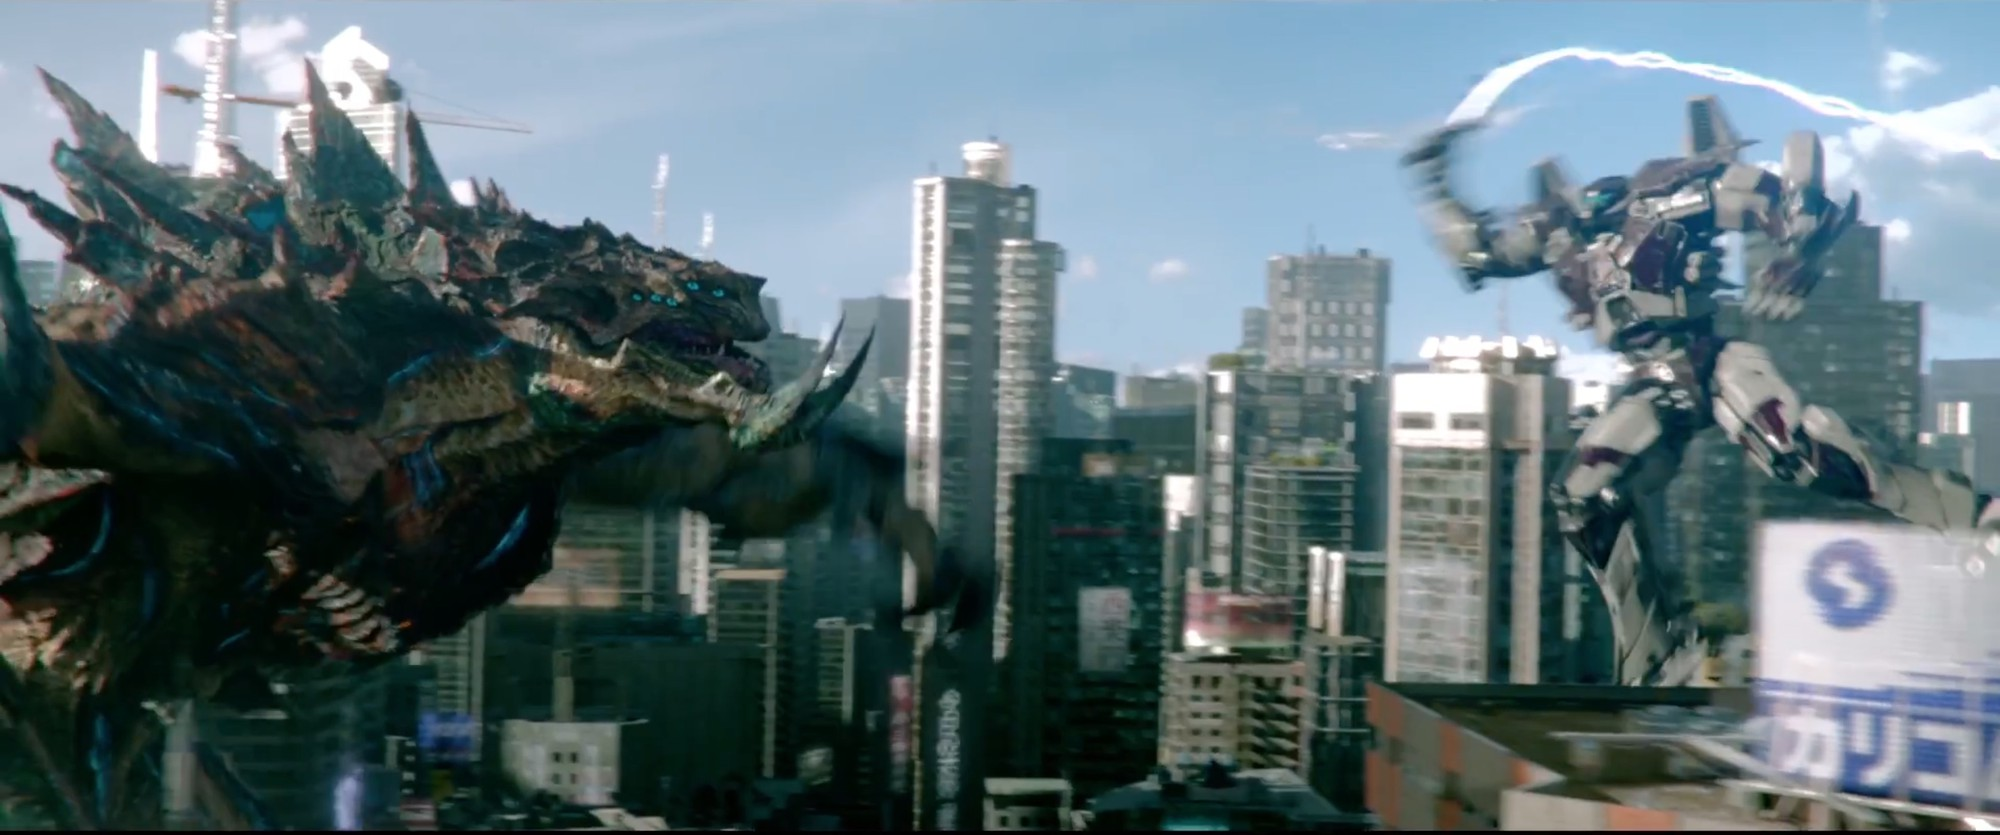 Pacific Rim: Uprising – Kế tục sự nghiệp tiêu diệt quái vật ngoại cỡ - Ảnh 7.